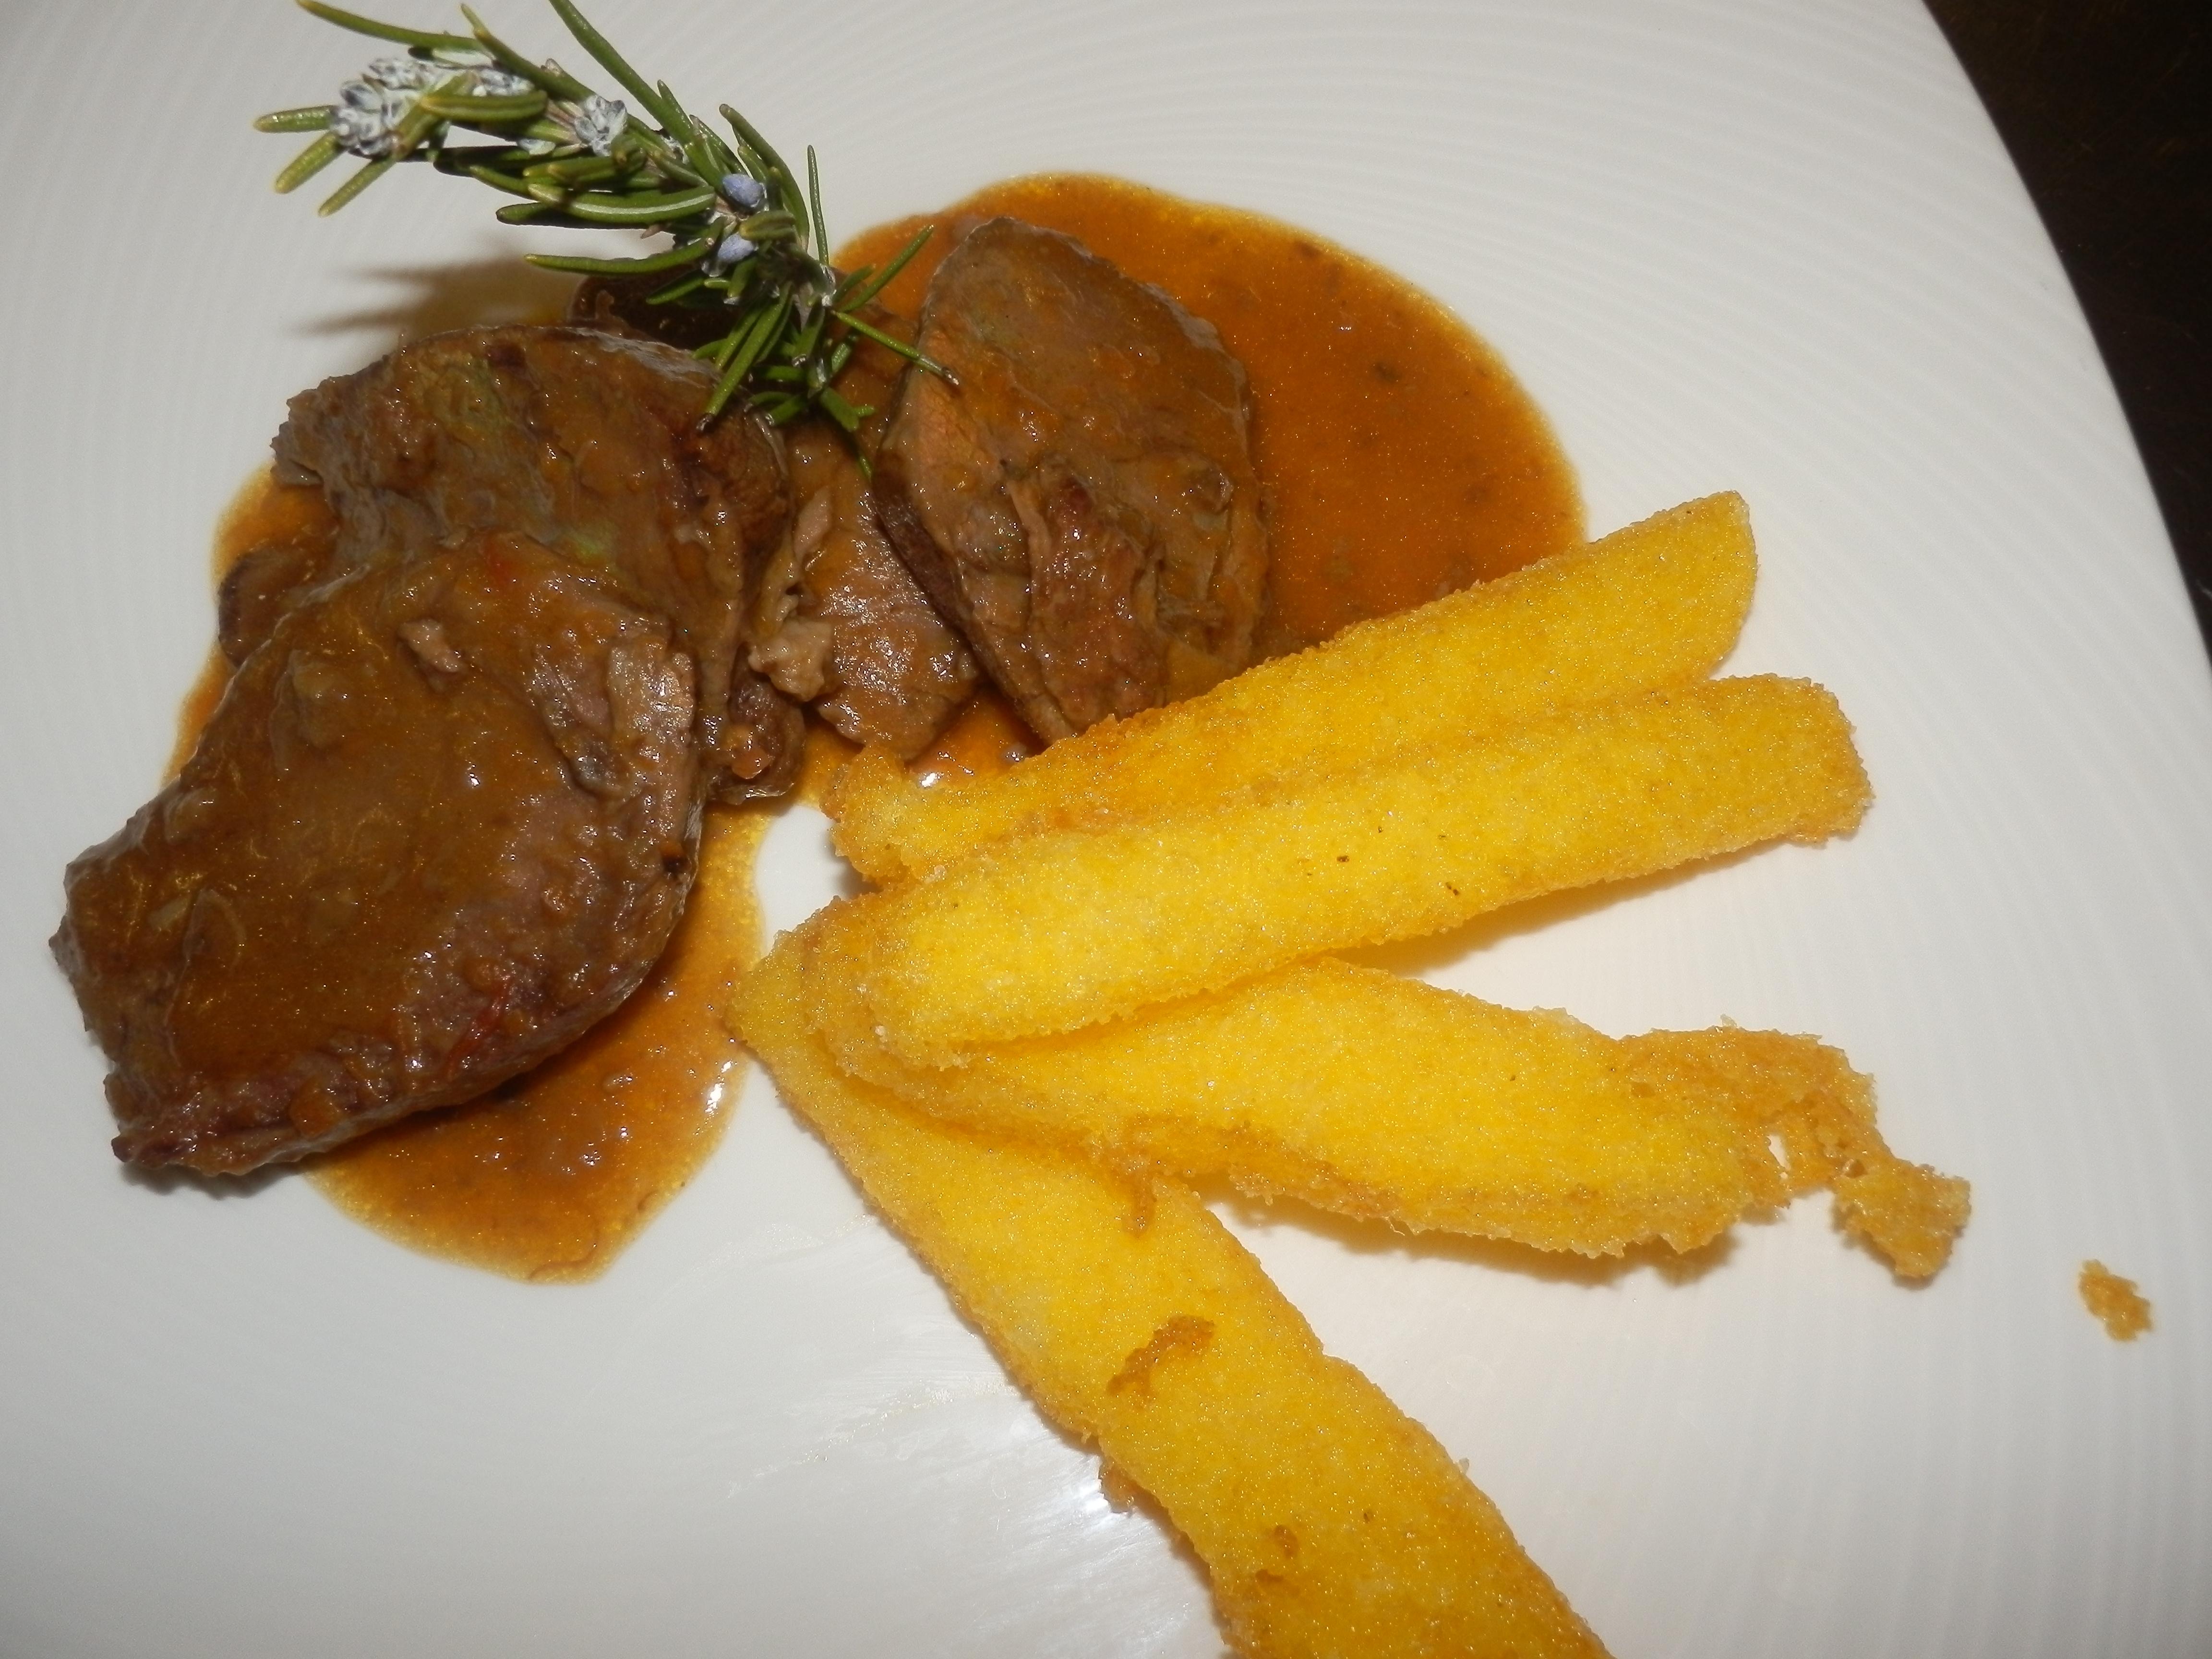 SECONDI PIATTI (tutti serviti con l'accompagnamento di verdure miste e patate al forno)